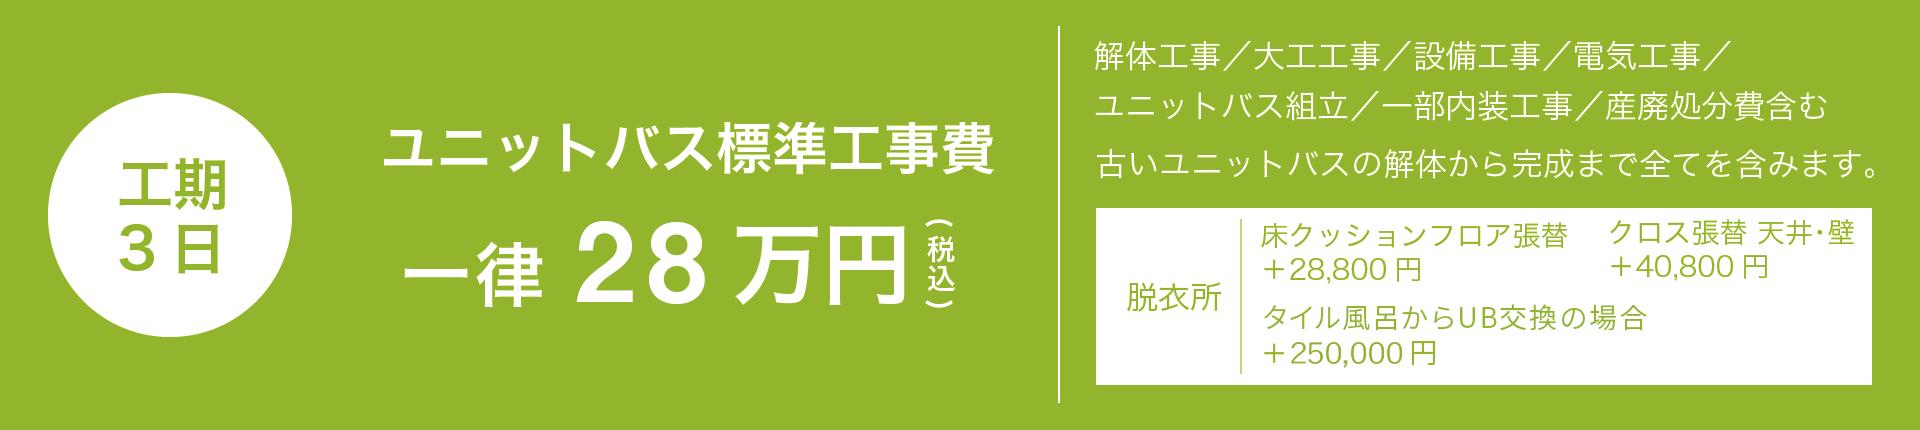 ユニットバス標準工事費 23万円